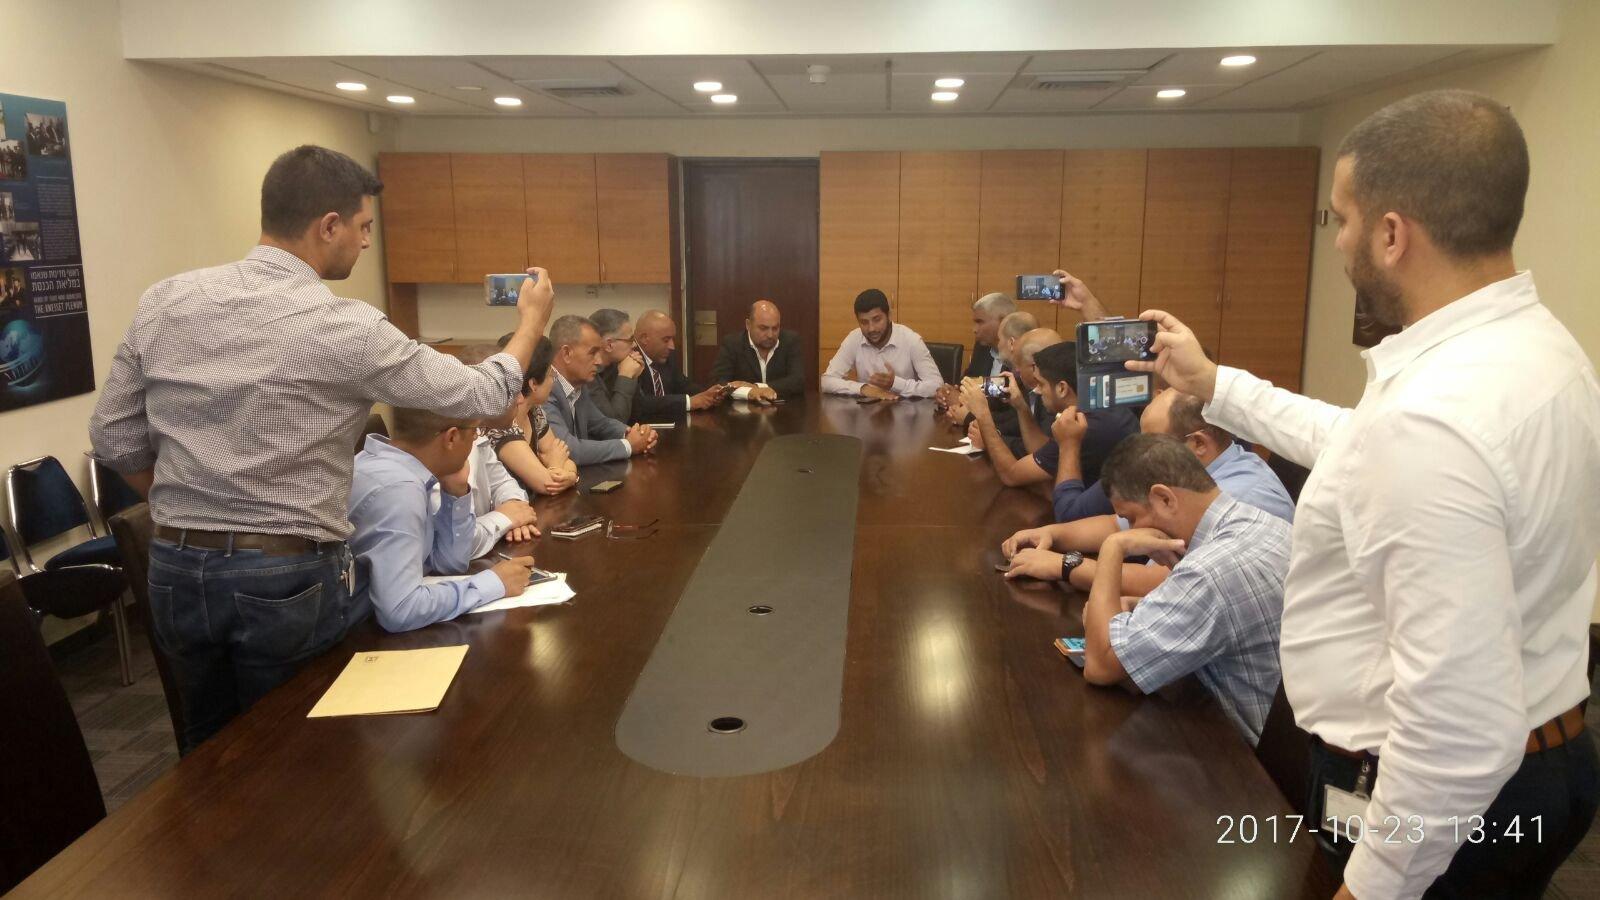 النائب إبراهيم حجازي يقدم استقالته تنفيذًا لاتفاق التناوب